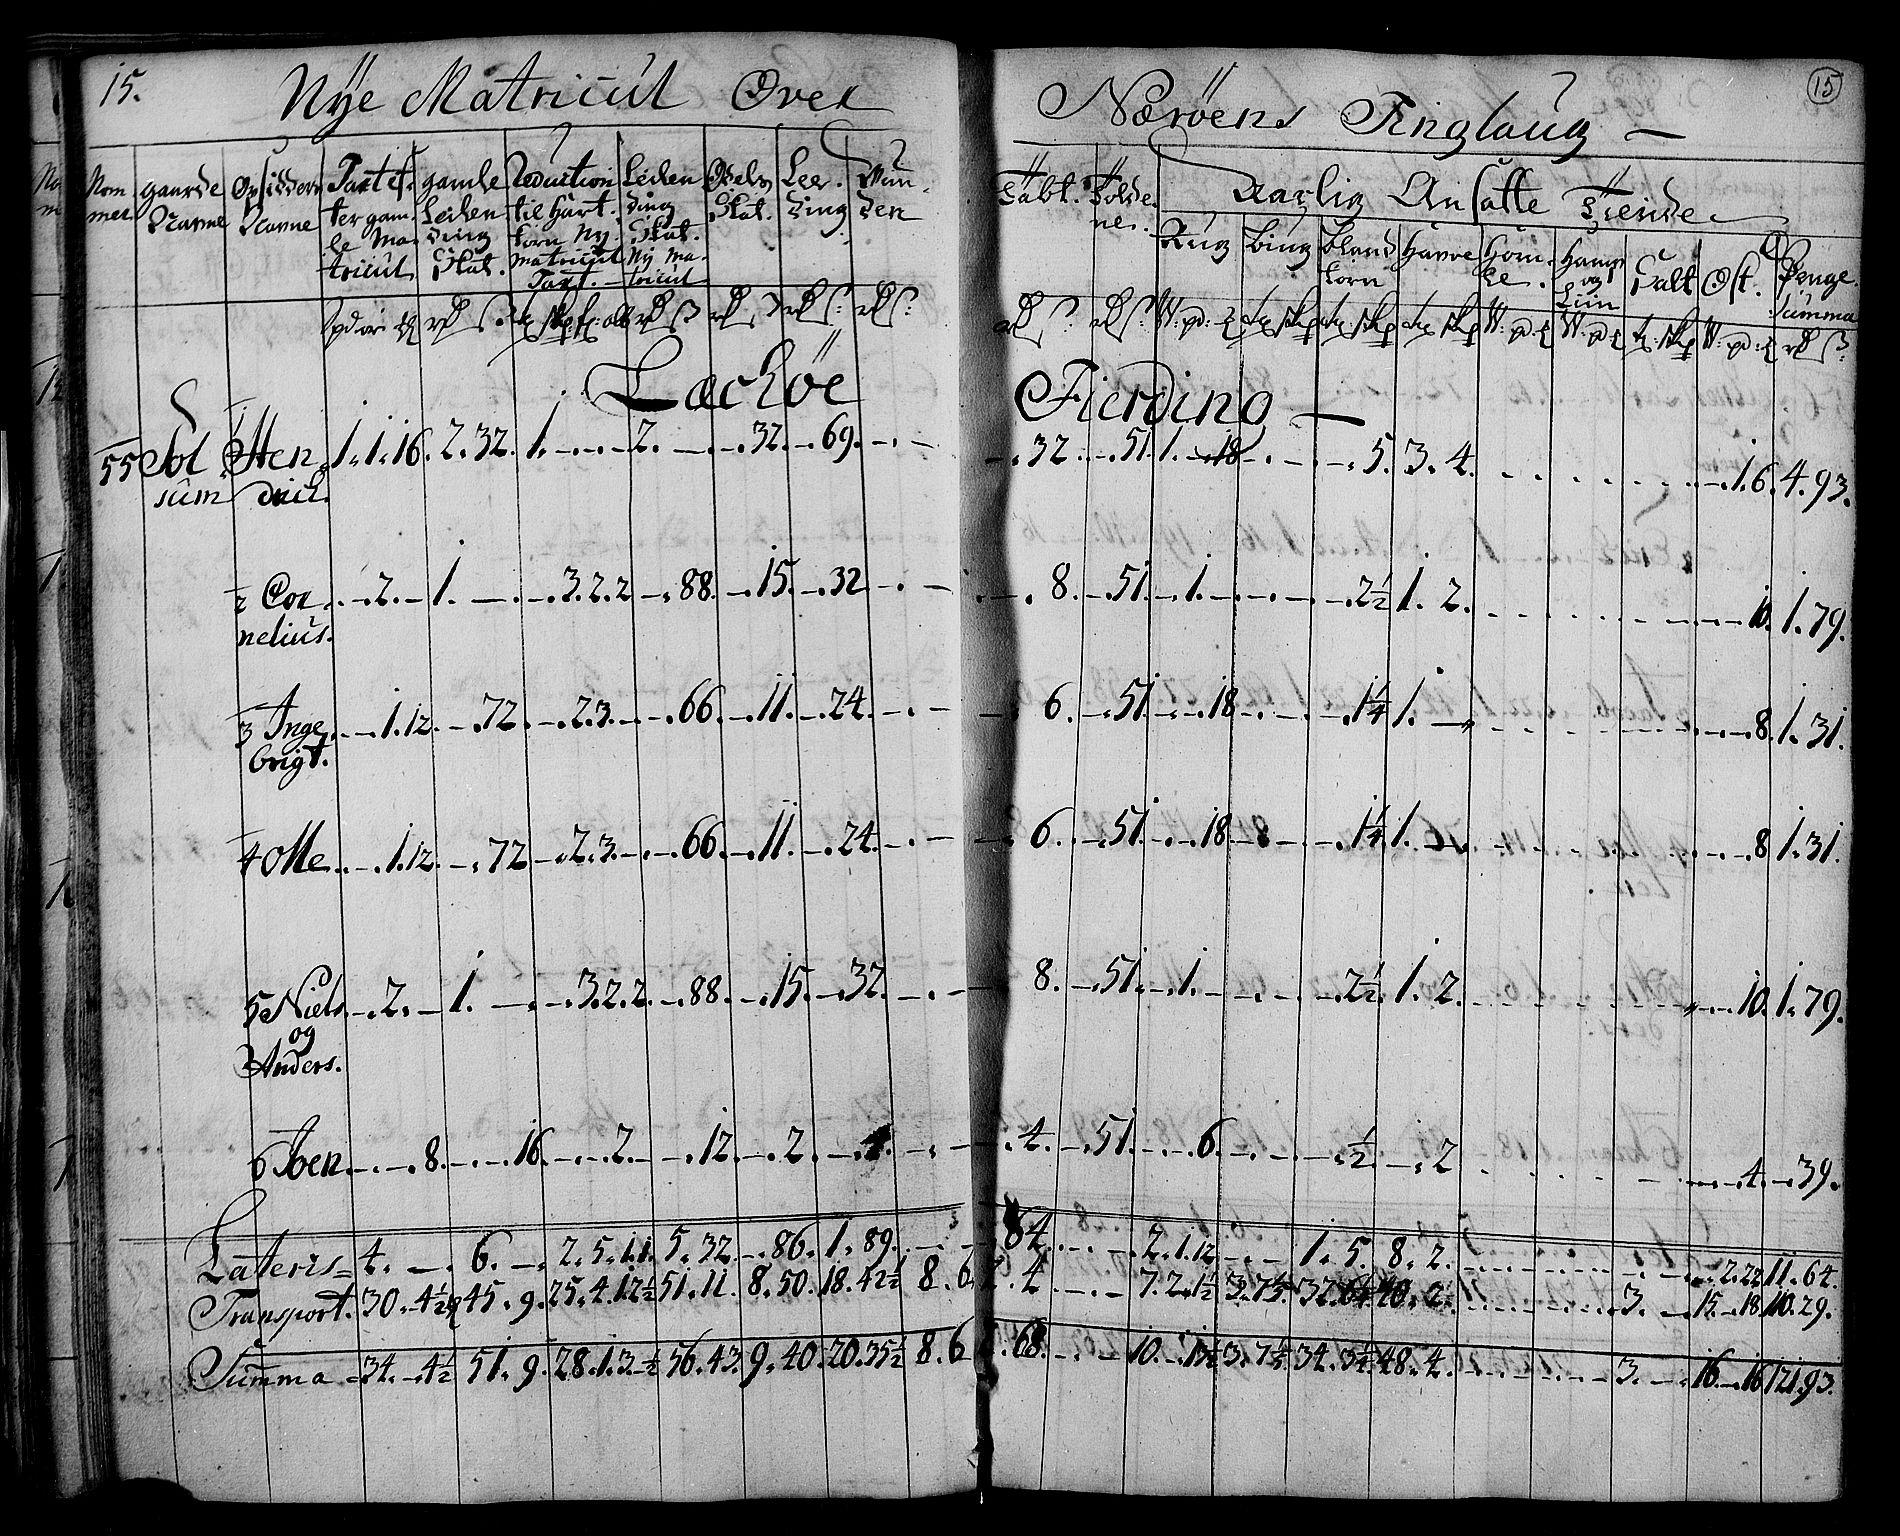 RA, Rentekammeret inntil 1814, Realistisk ordnet avdeling, N/Nb/Nbf/L0169: Namdalen matrikkelprotokoll, 1723, s. 14b-15a